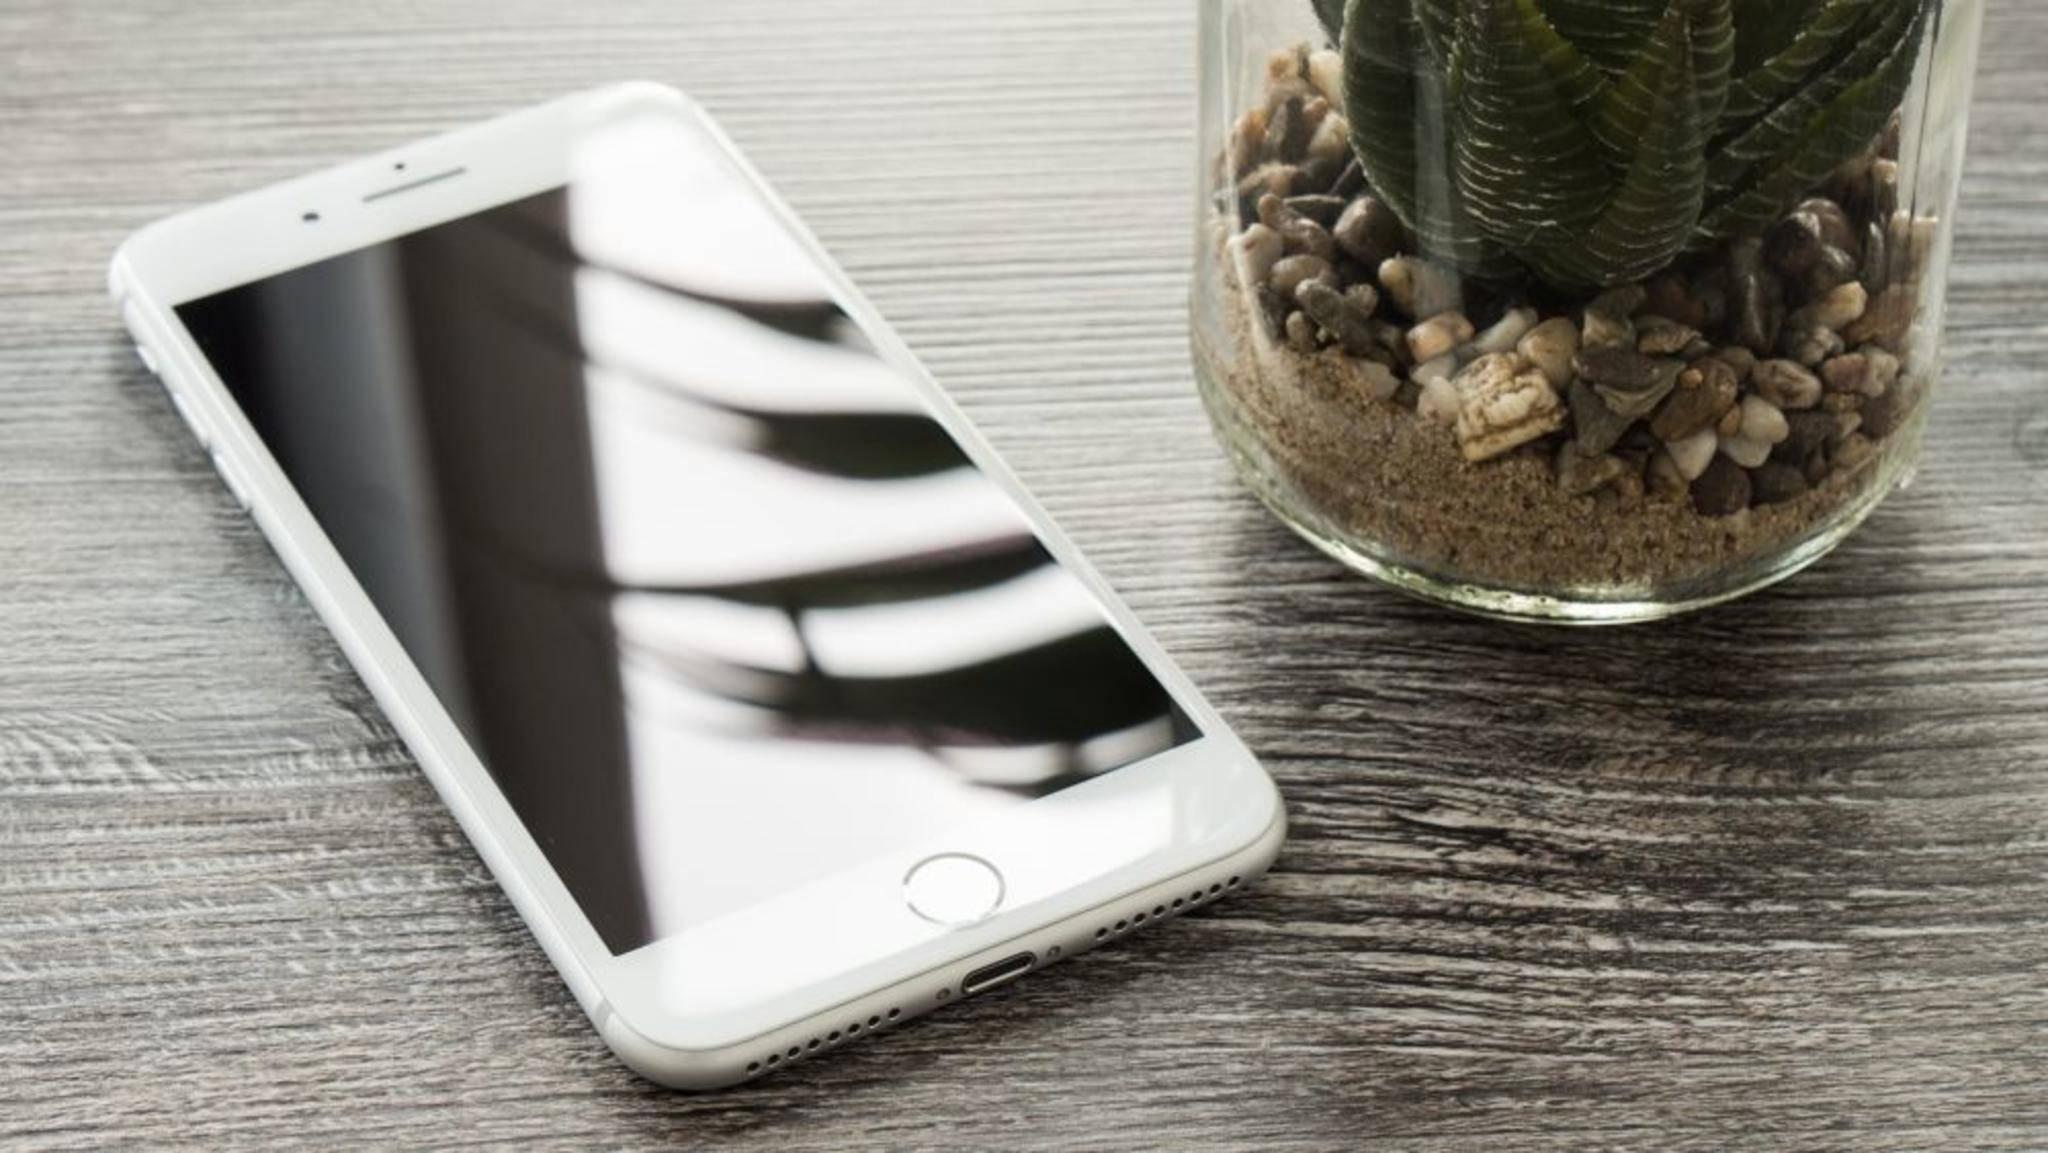 Der Nachfolger des iPhone 7 möchte unter anderem mit KI-Features überzeugen.